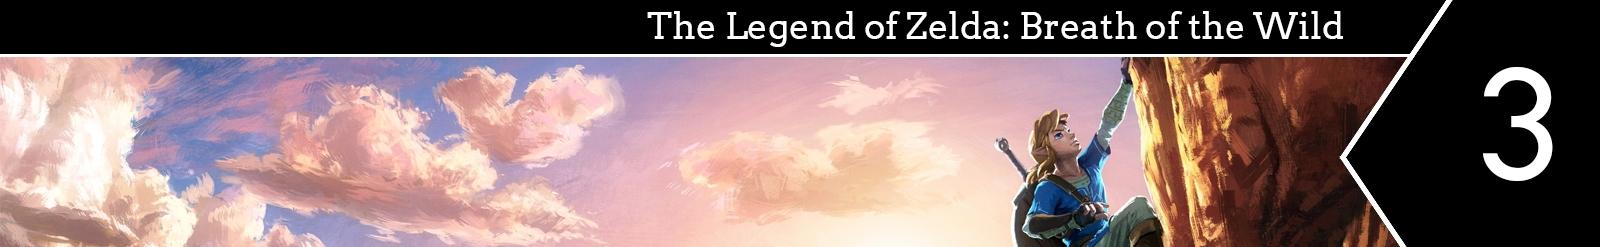 GPN Top 2017: The Legend of Zelda: Breath of the Wild